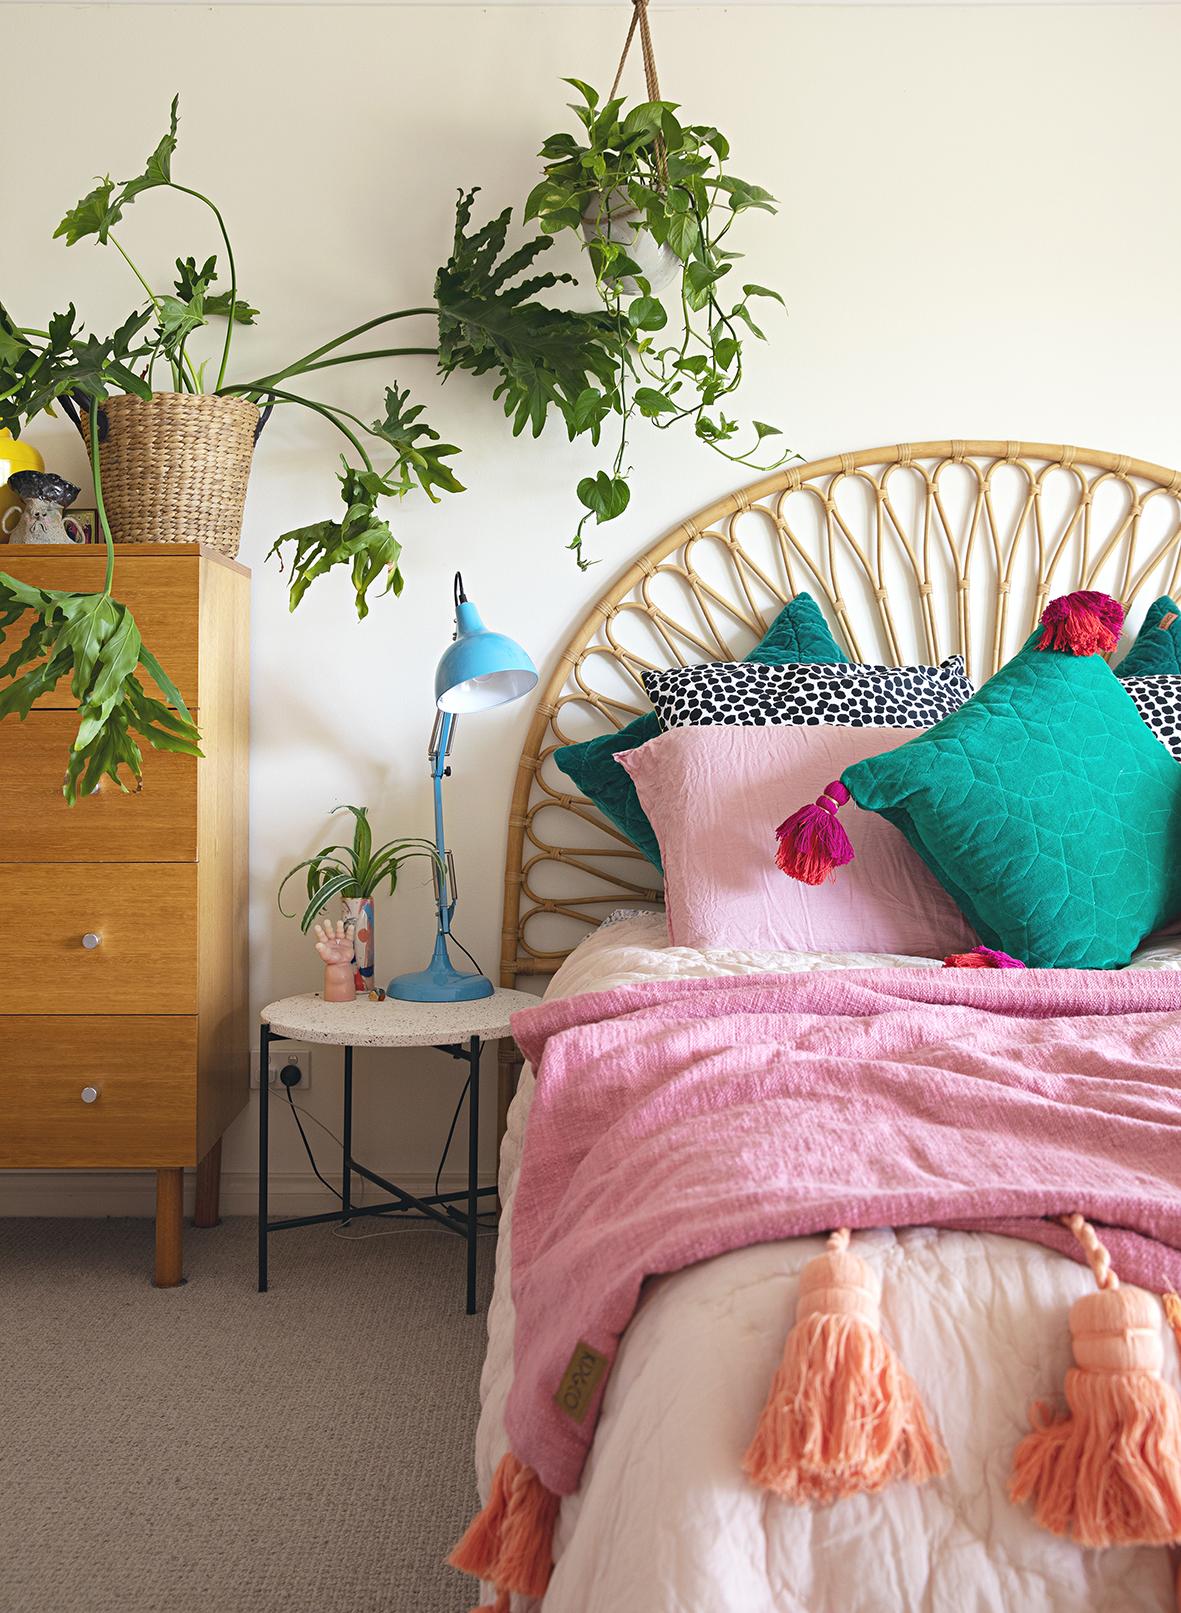 lara-bedroom-natalie-jeffcott.jpg